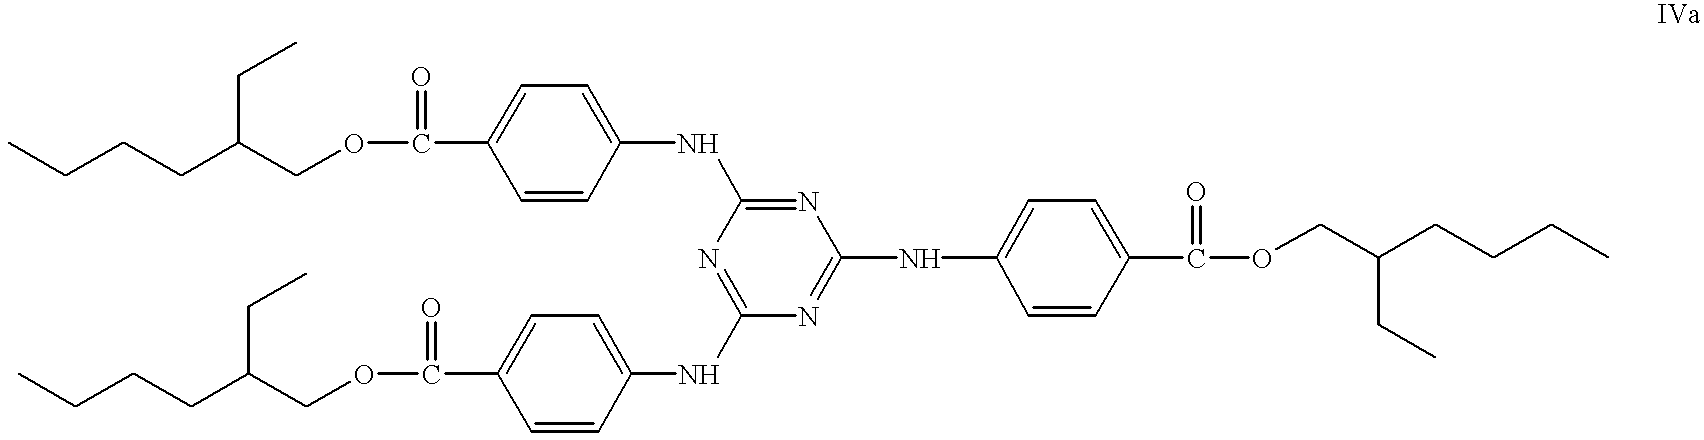 Figure US20020004034A1-20020110-C00015